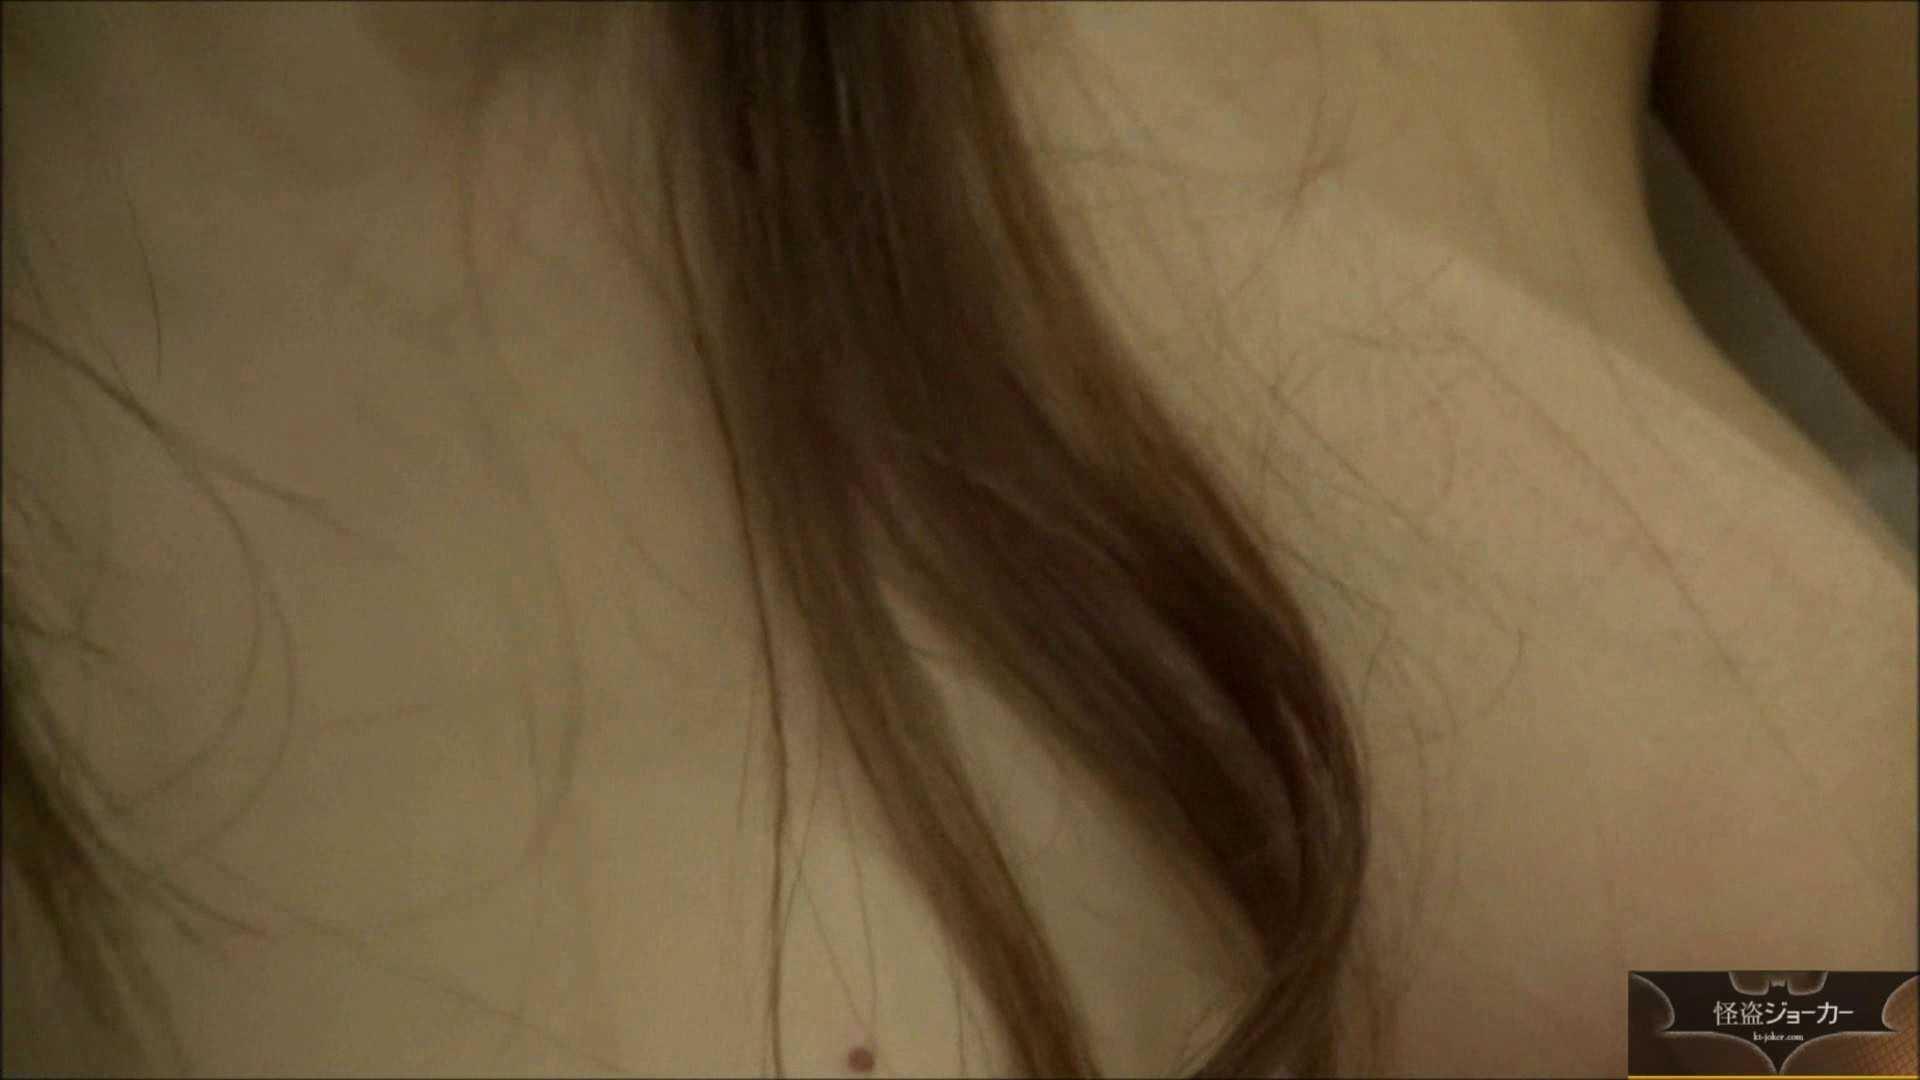 【未公開】vol.82 {関東某有名お嬢様JD}yuunaちゃん④【後編】 OLハメ撮り  21Pix 8